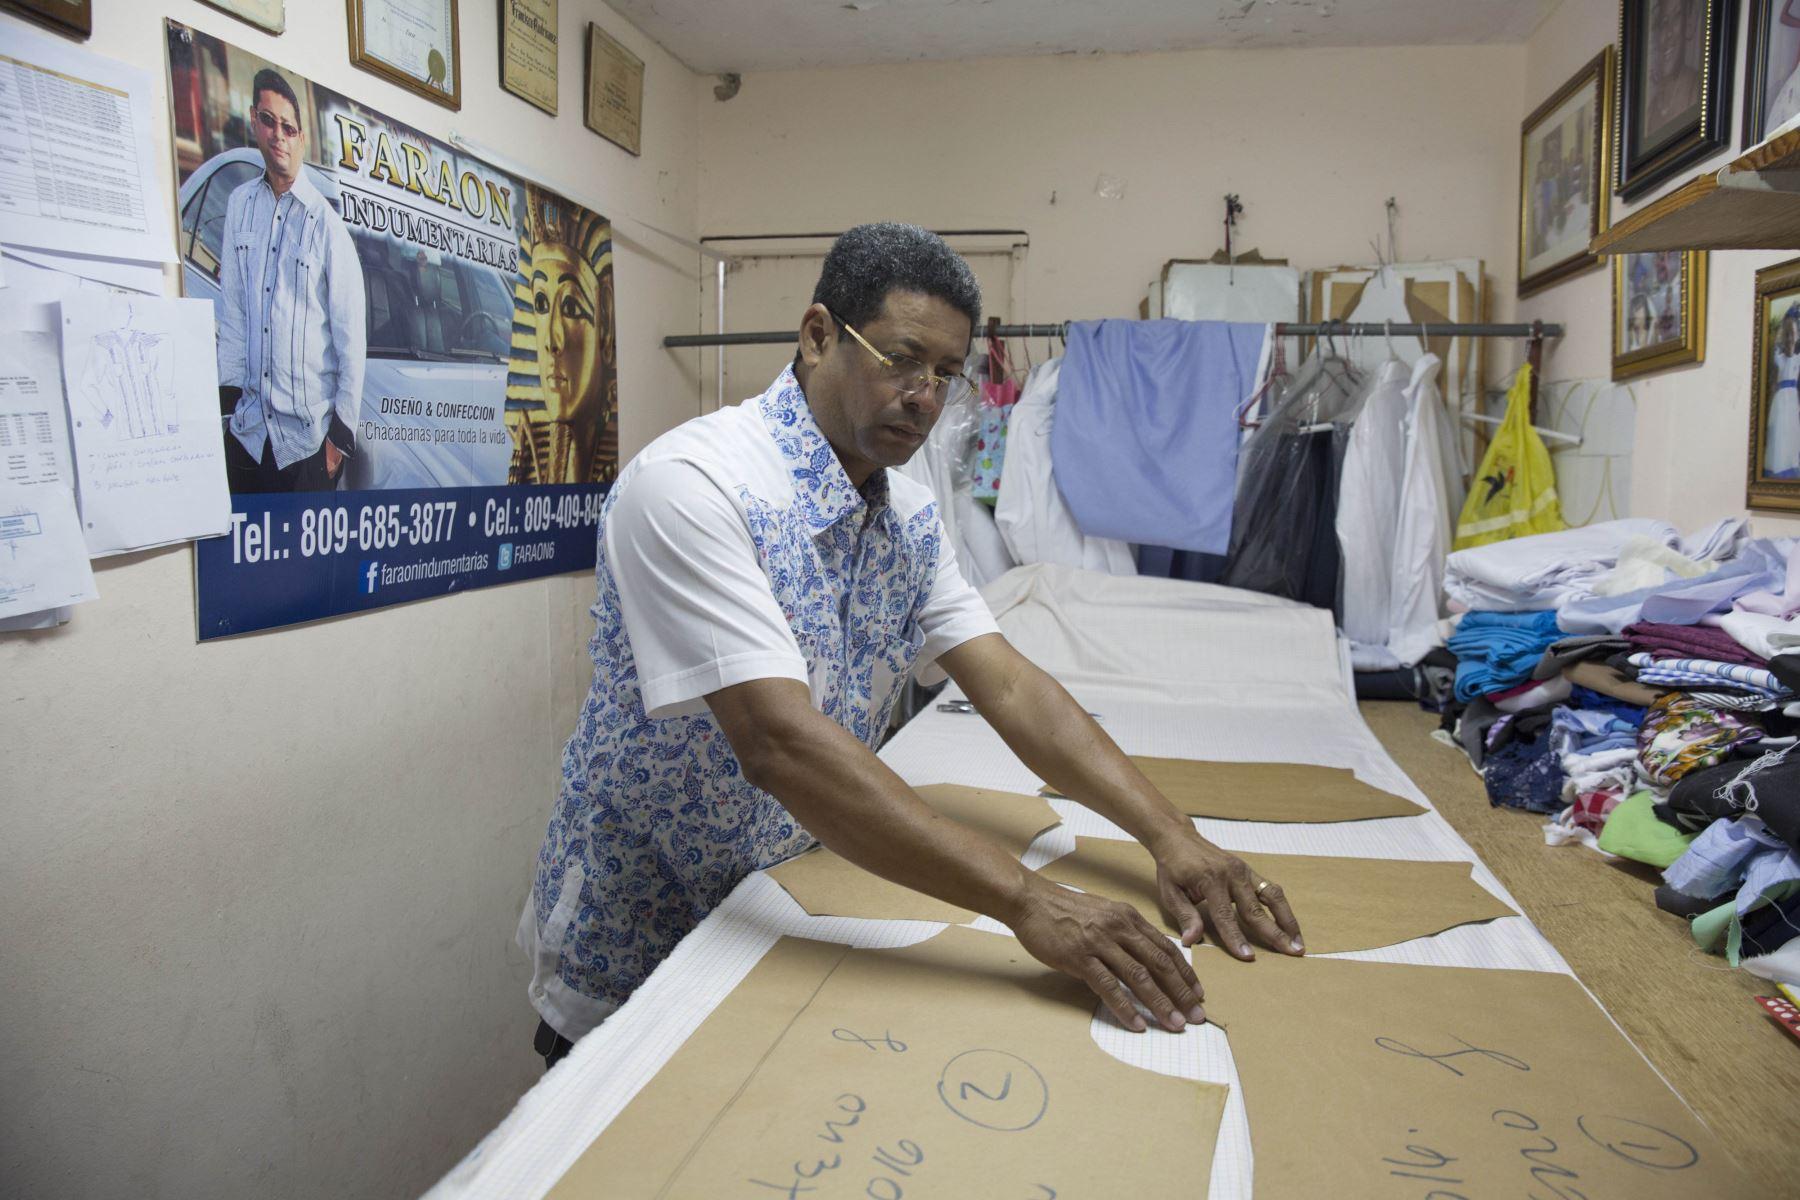 Entre los principales diseñadores de guayaberas en el país figuran Hipólito Peña (en la foto), quien confeccionará las de los mandatarios en la Cumbre de Punta Cana, así como Arcadio Díaz, Juan de Dios, Toni Boga y el propio Francisco Rodríguez, conocido como